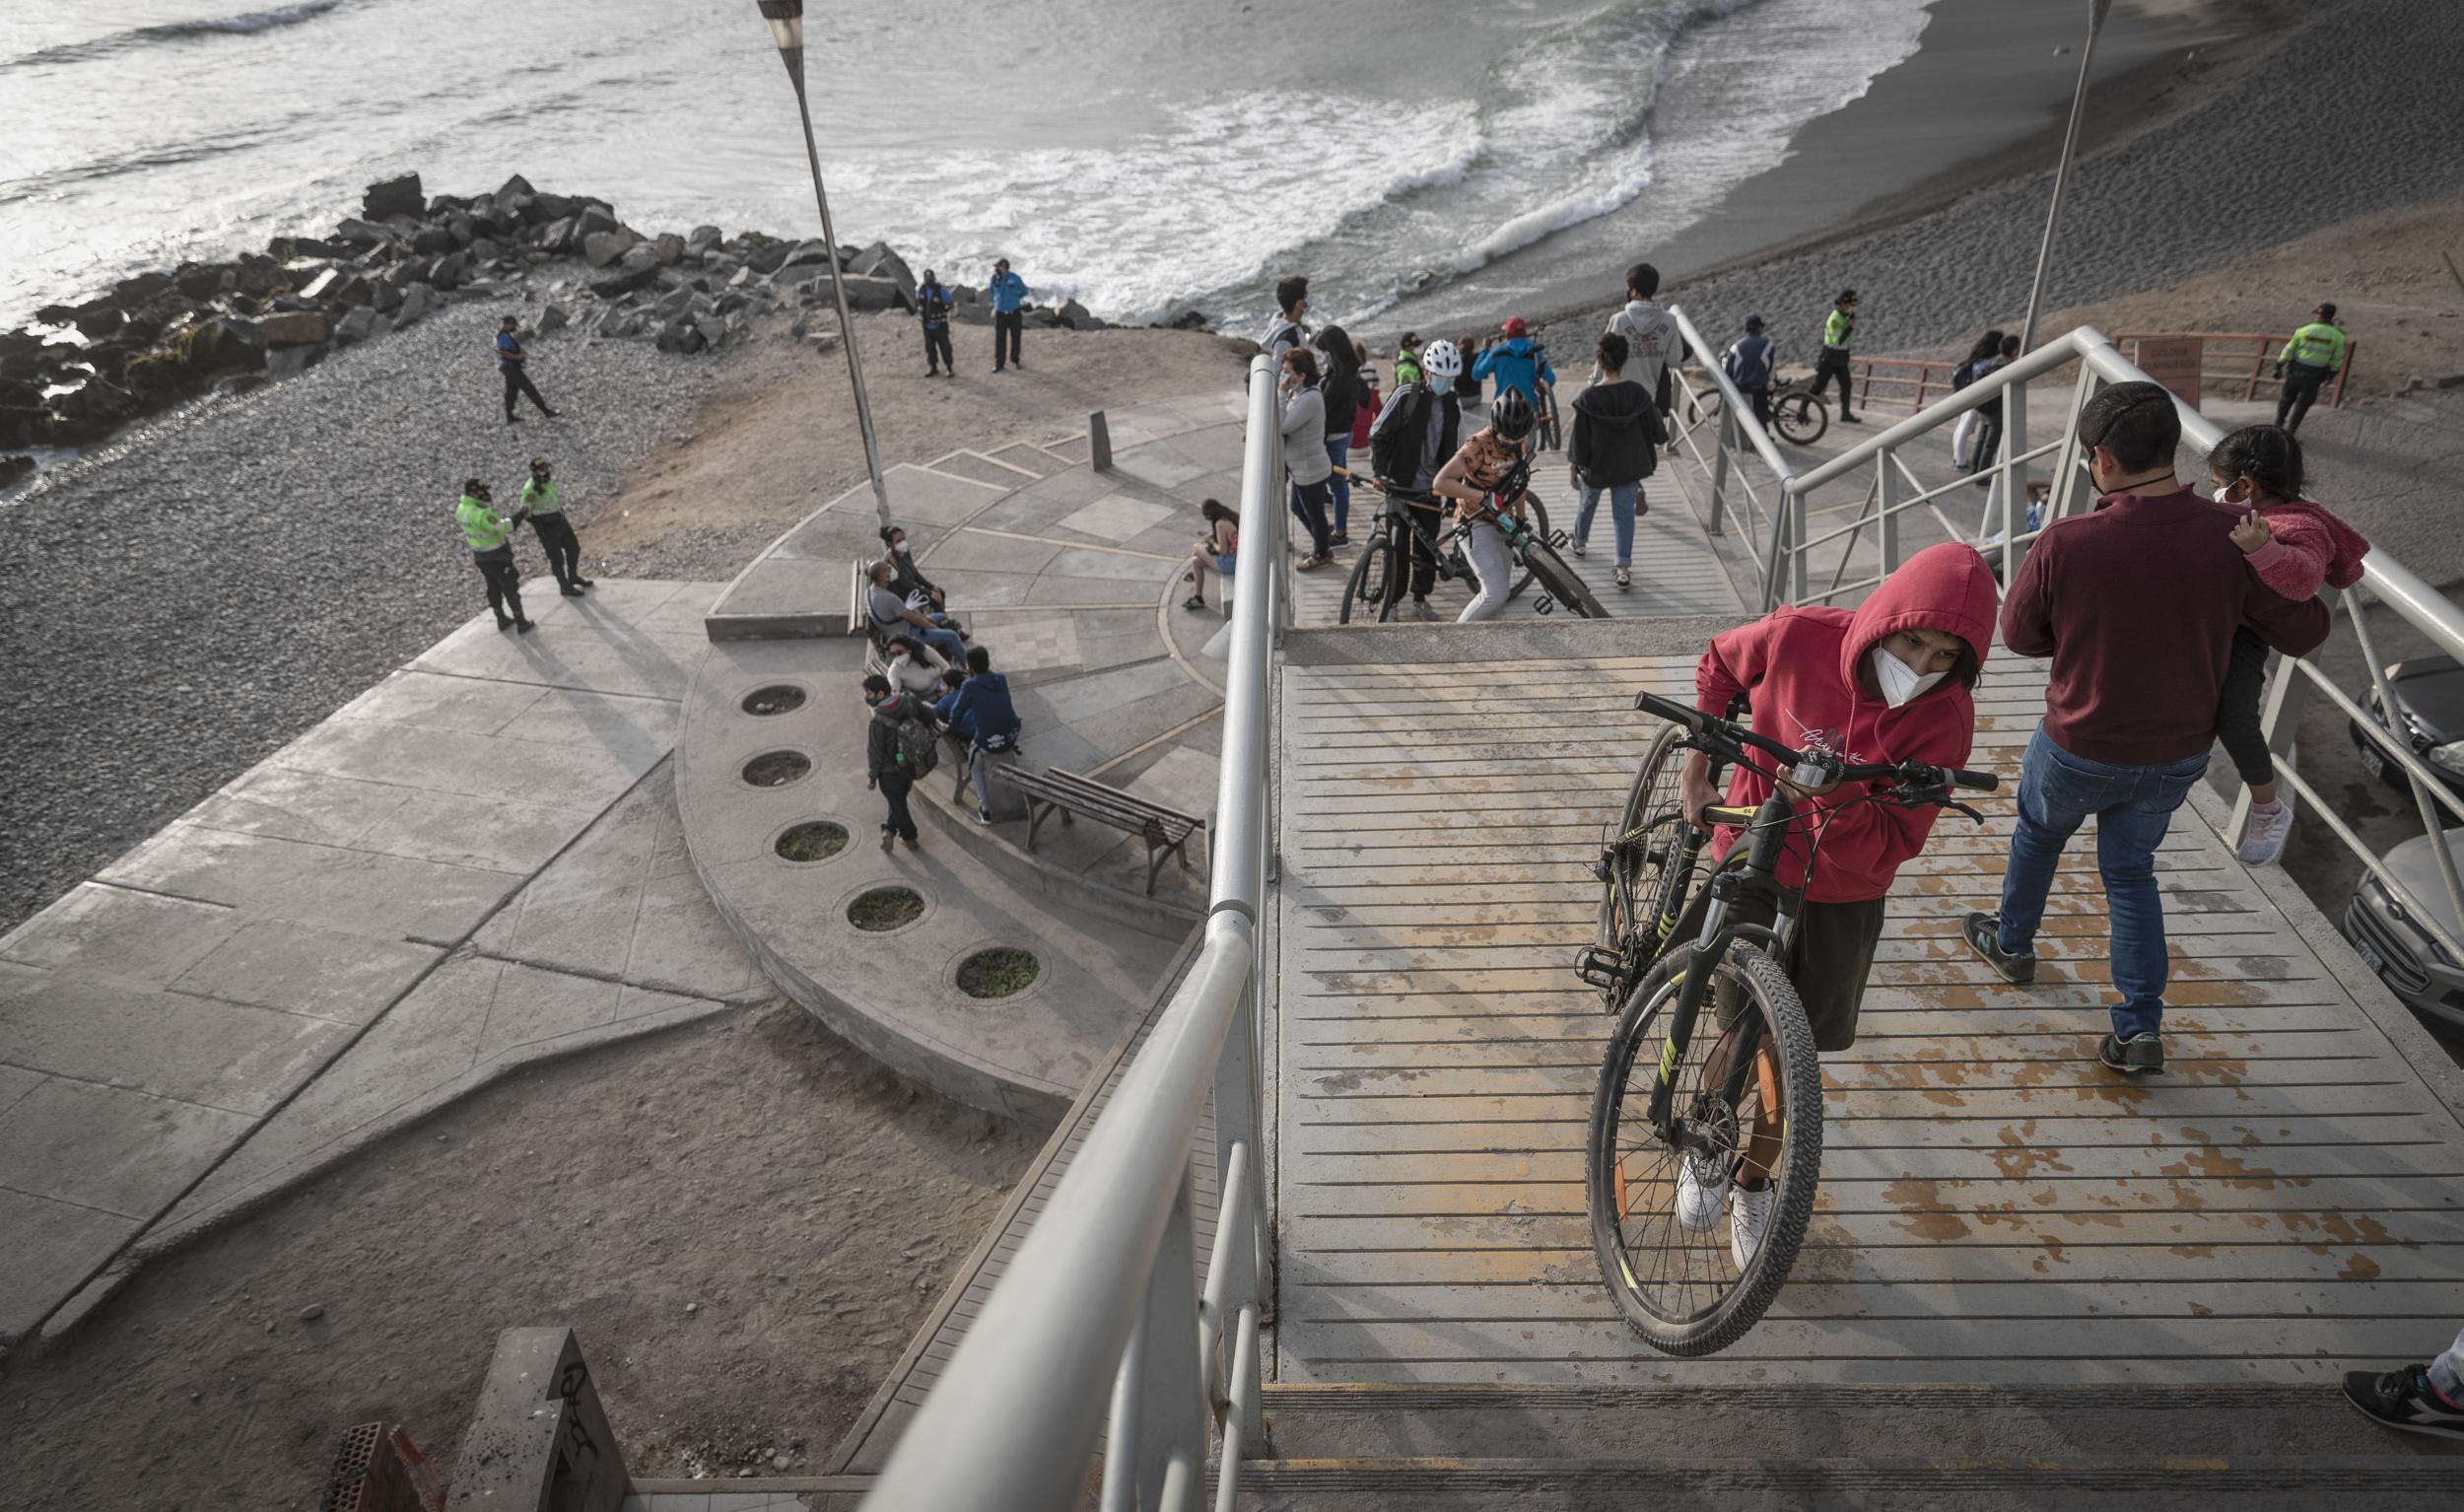 Acceso a playas: recorrimos la Costa Verde desde La Punta a Chorrillos y así la encontramos [FOTOS]